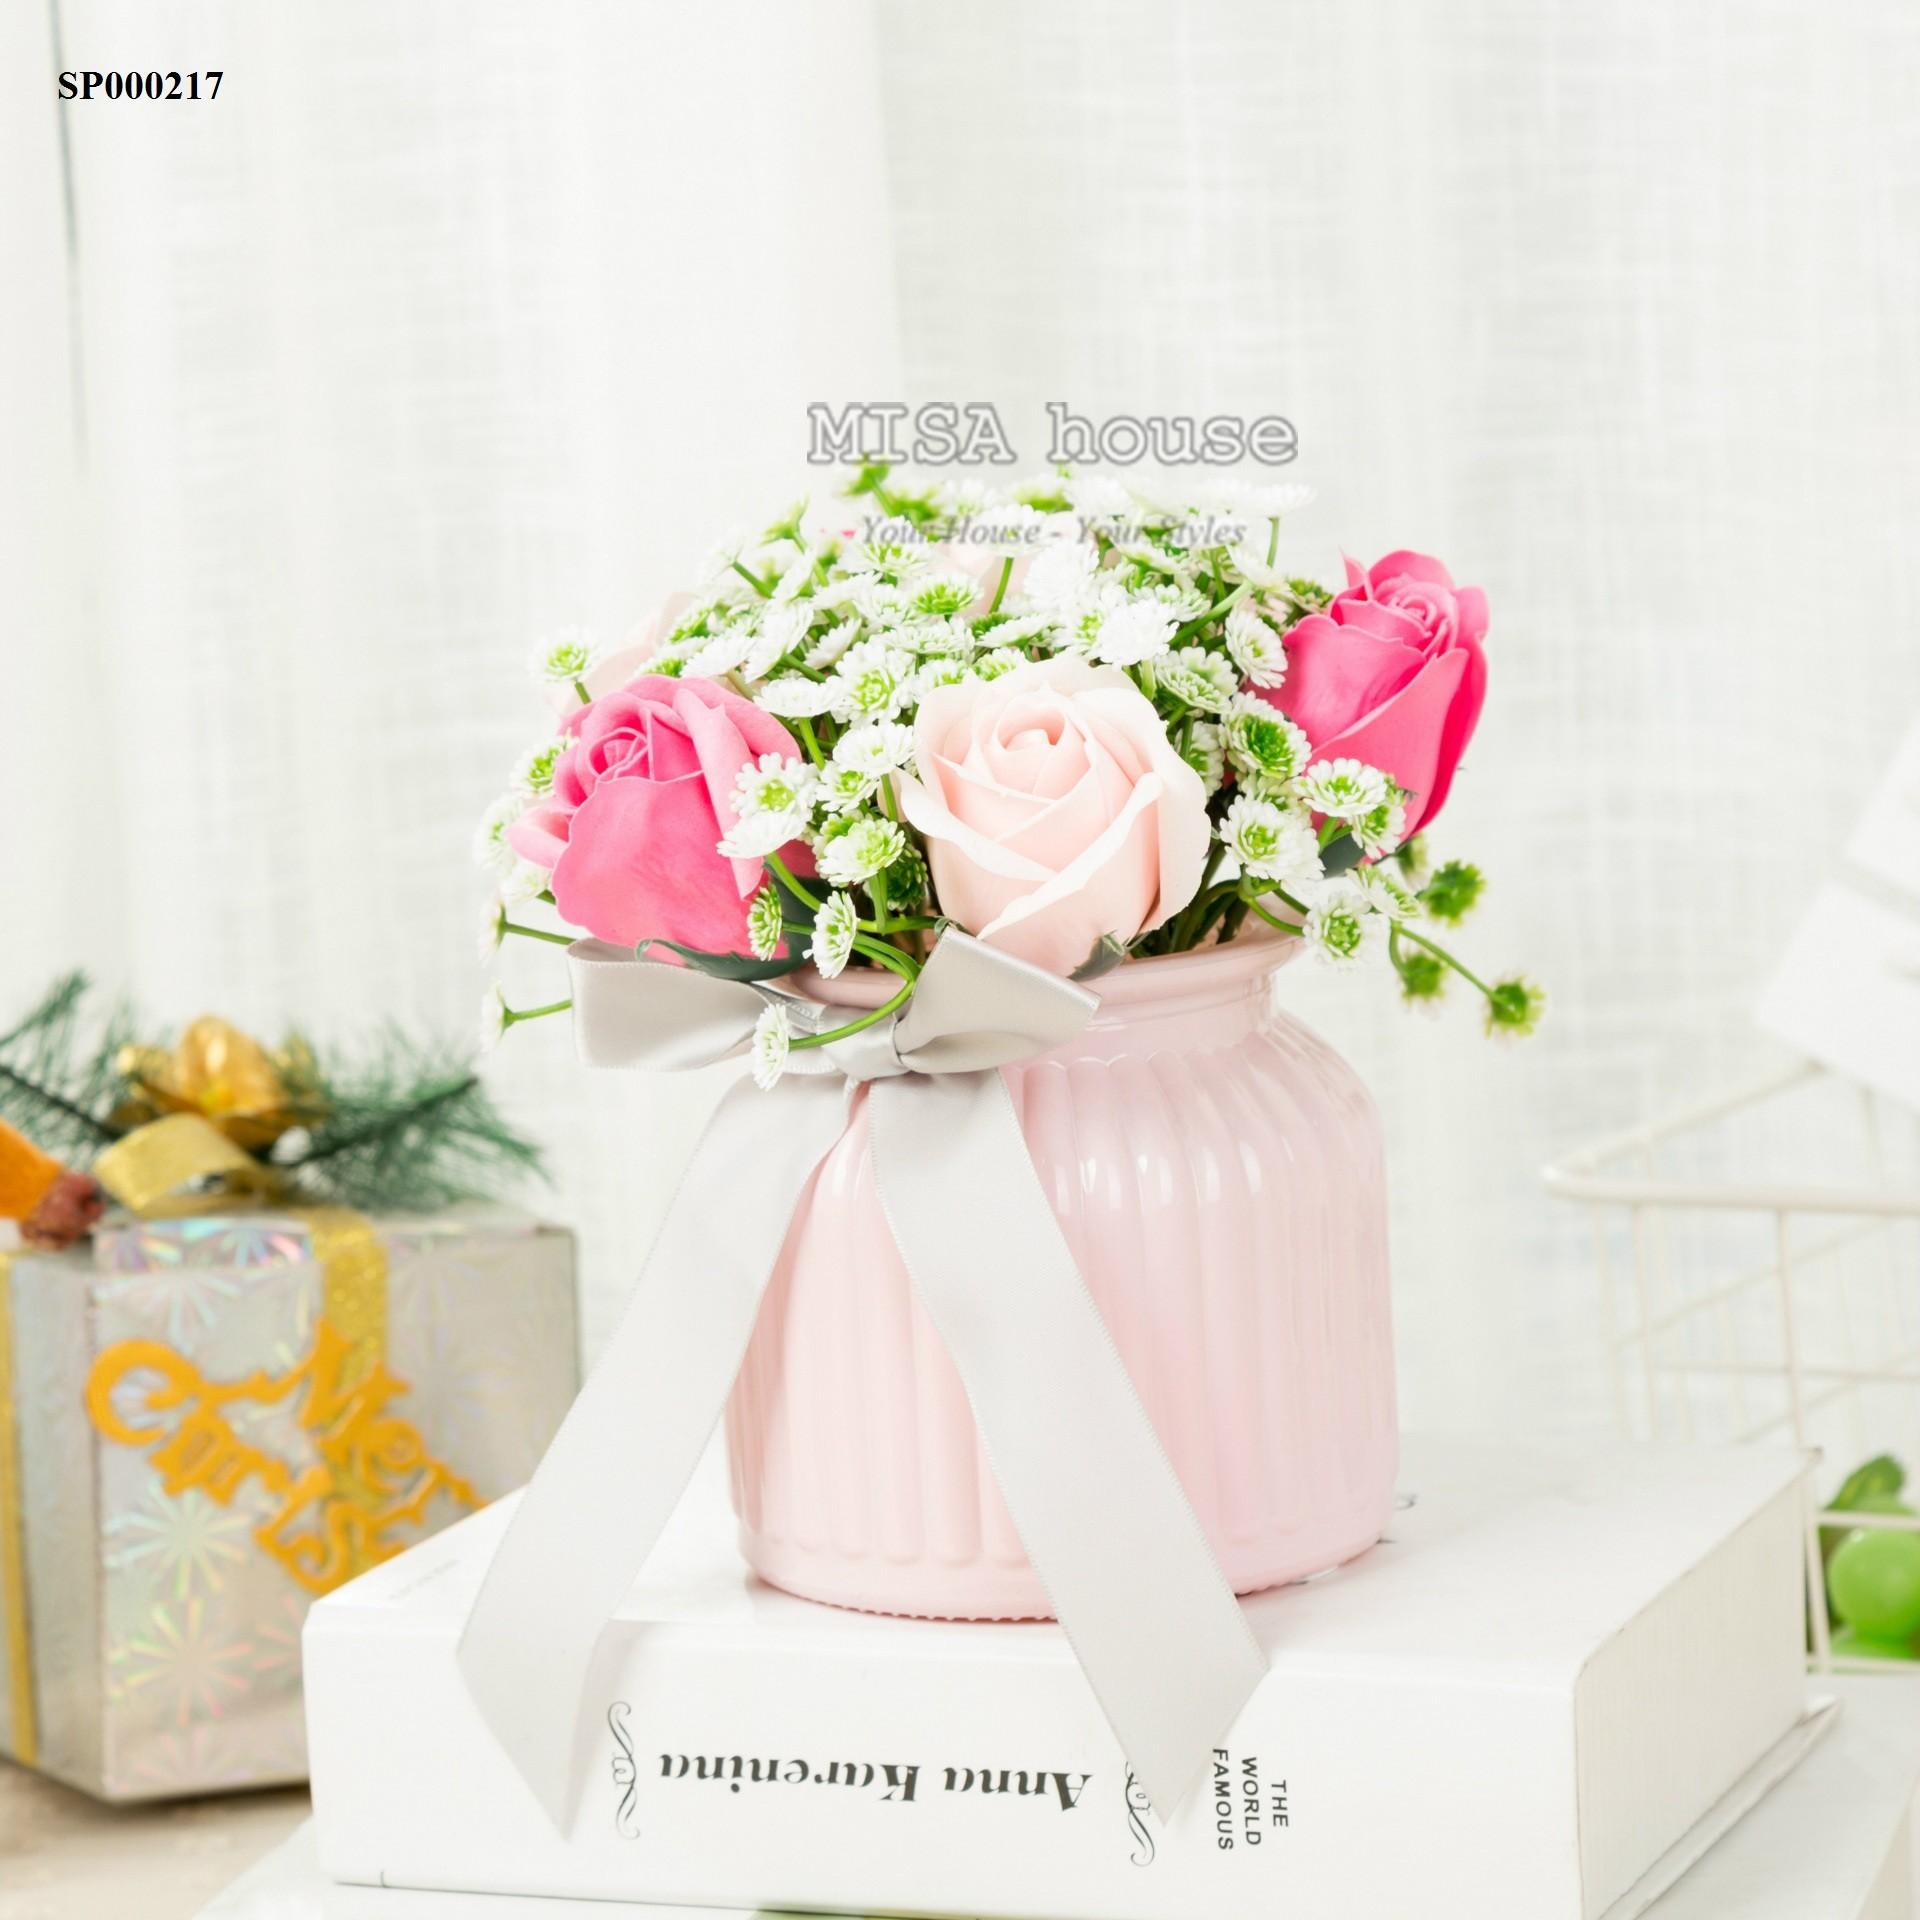 Bình hoa giả hoa hồng sáp siêu xinh trang trí bàn tủ kệ phòng khách , làm việc, trang trí nhà đẹp, lạ